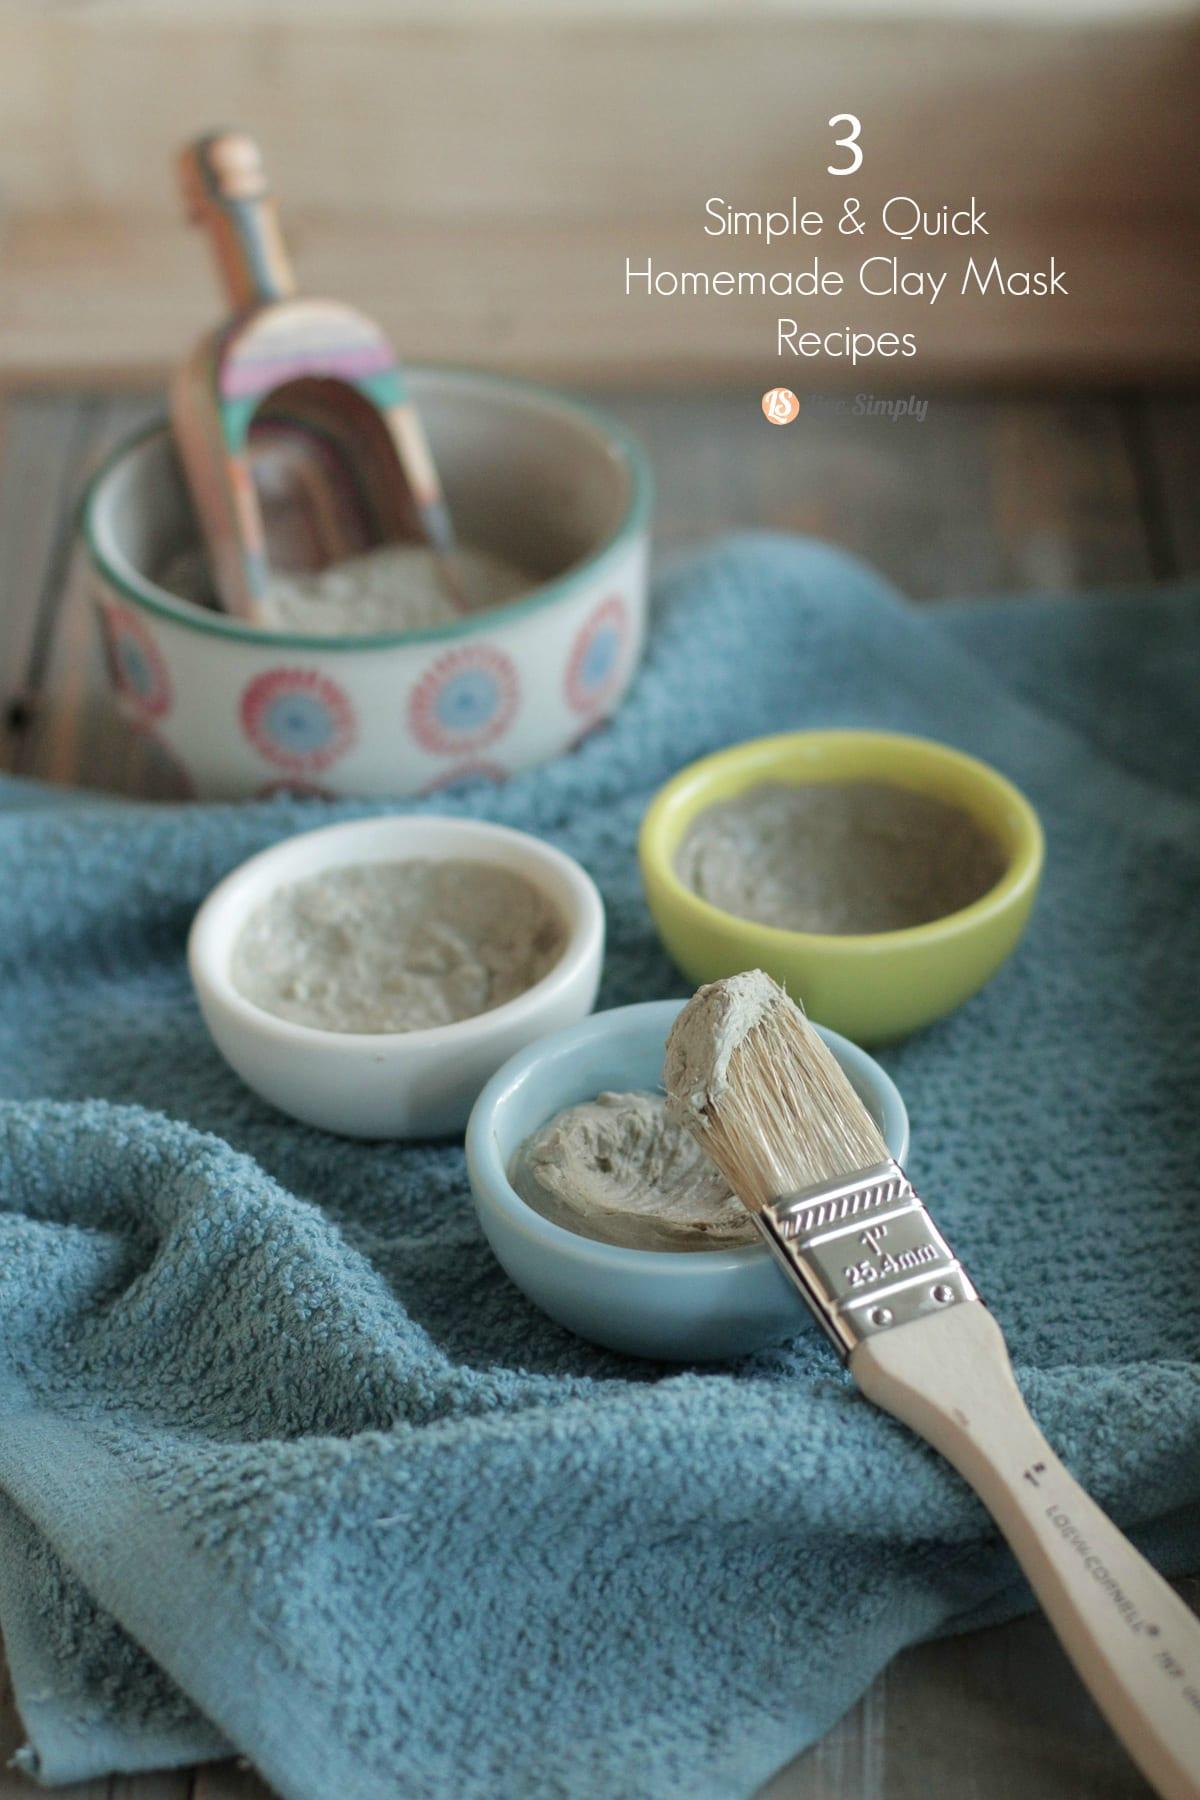 Easy homemade facial mask recipes for acne